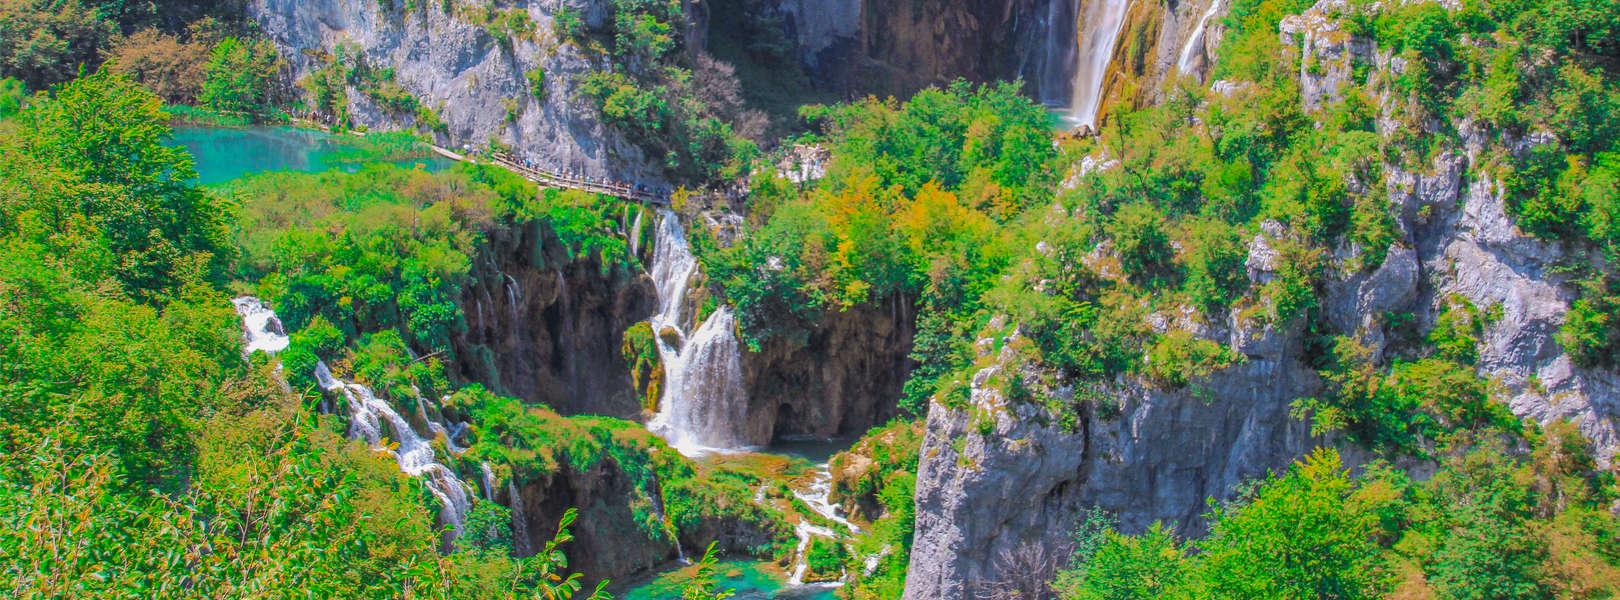 Blick auf die Wasserfälle der Plitvicer Seen in Kroatien